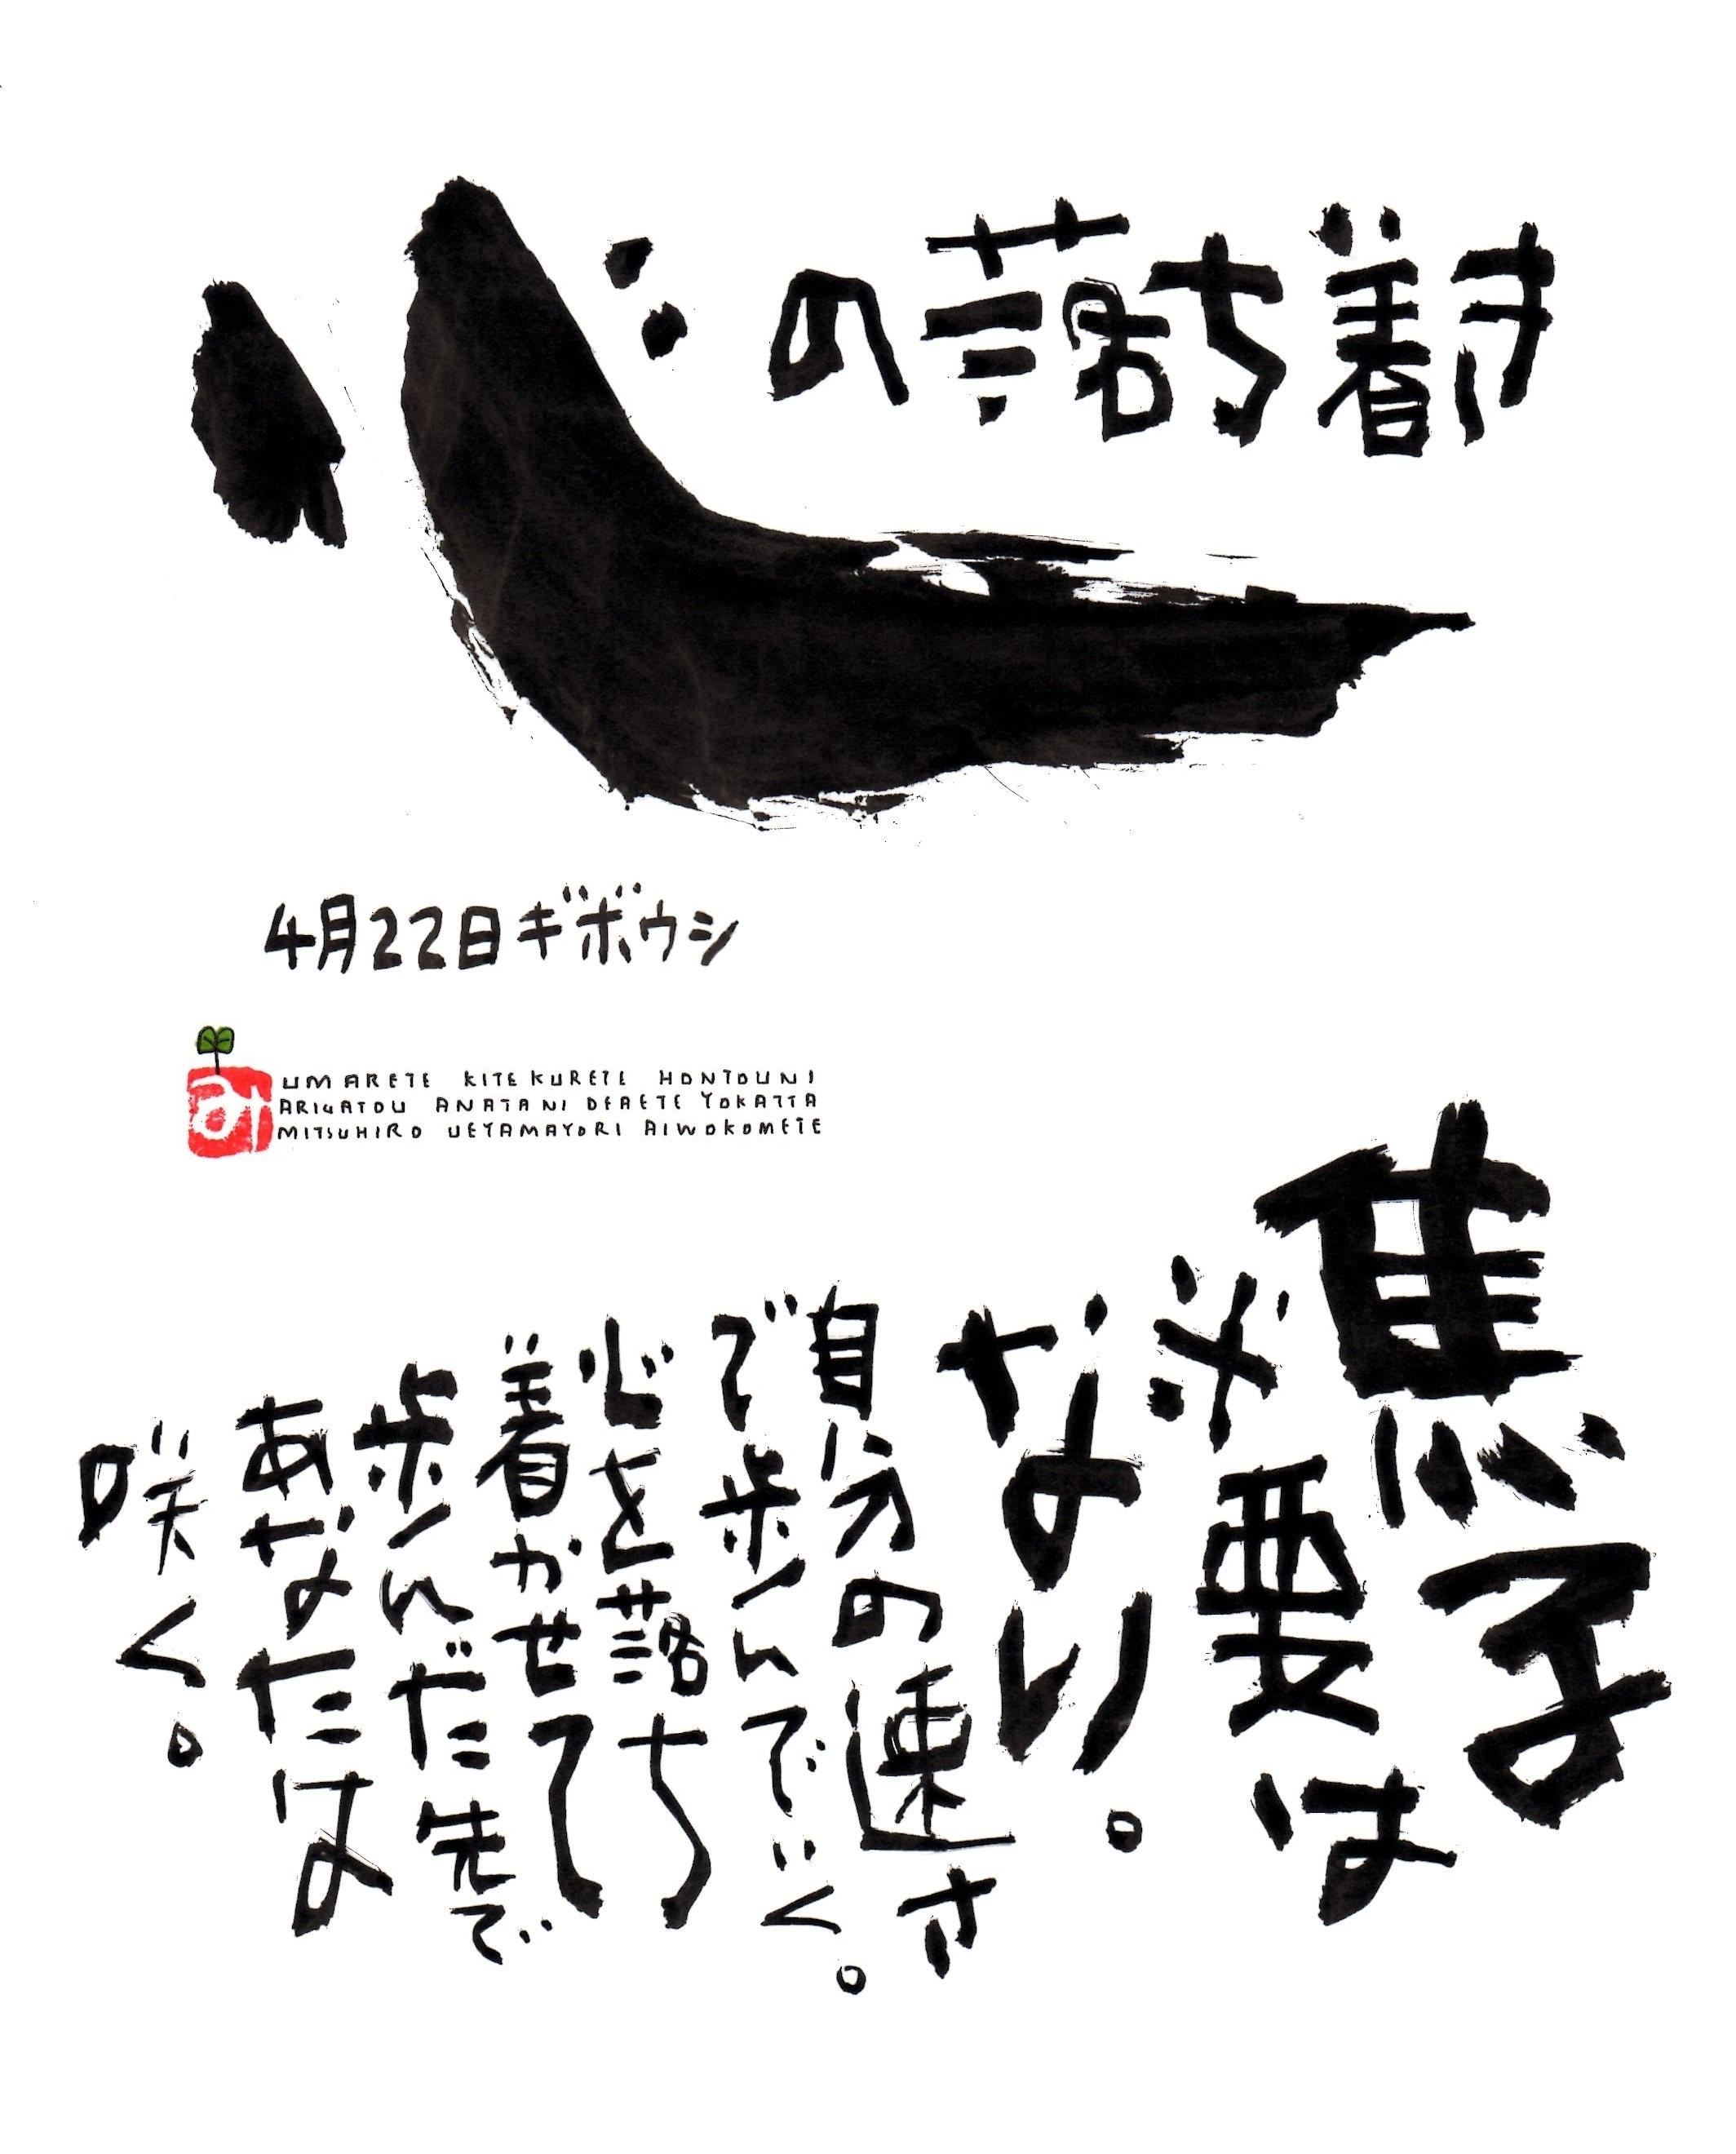 4月22日 誕生日ポストカード【心の落ち着き】Calm heart